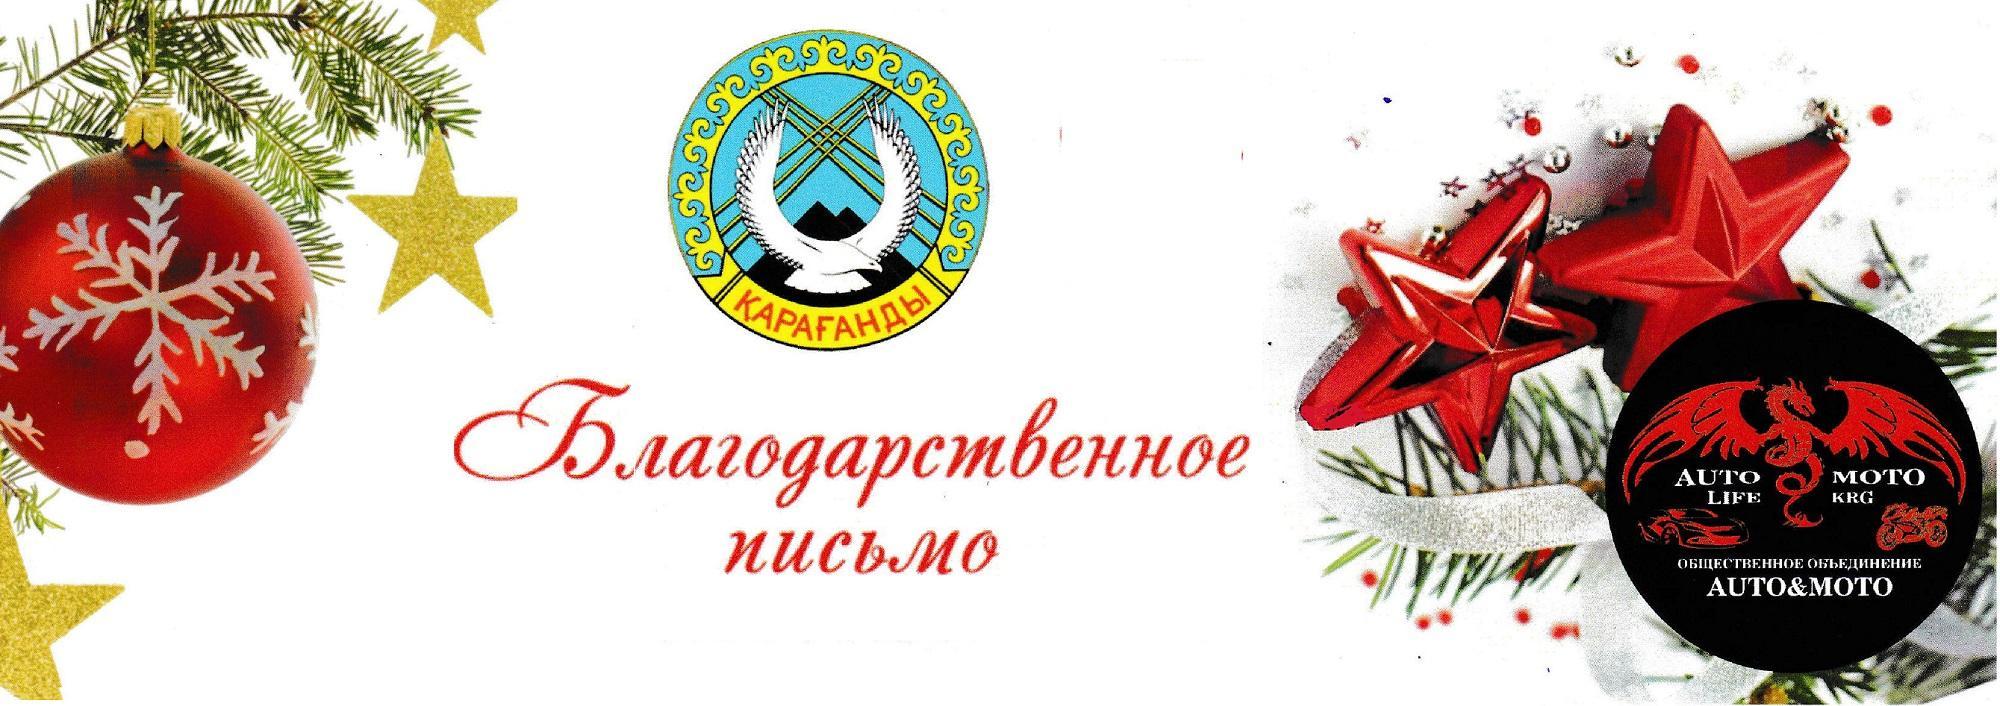 """Благодарственное письмо от Общественного Объединения """"Avto & Moto Life Karaganda"""""""